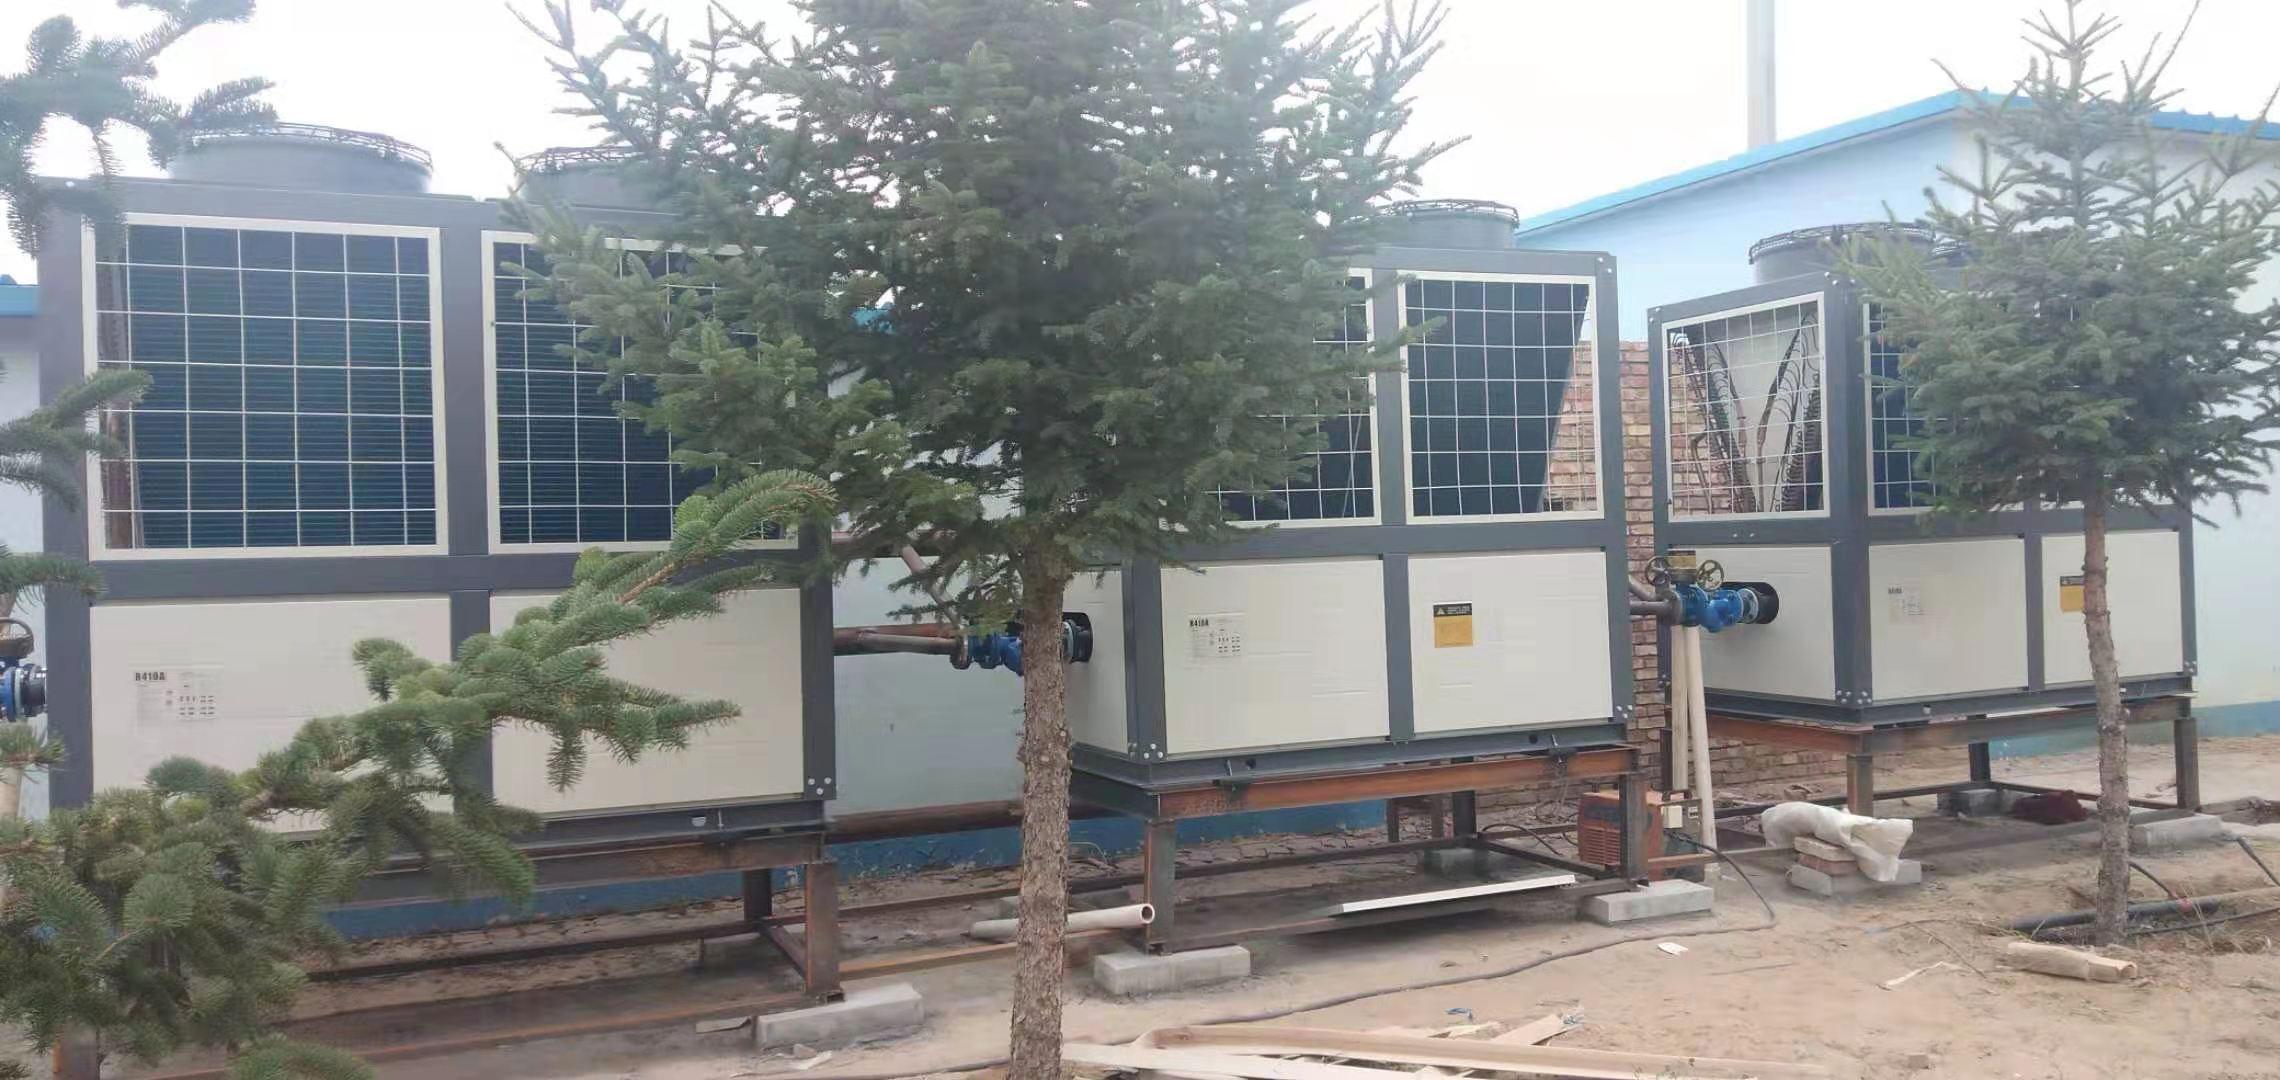 鄂尔多斯市鄂托克旗驾校一千三百平米空气能热泵供暖合作案例